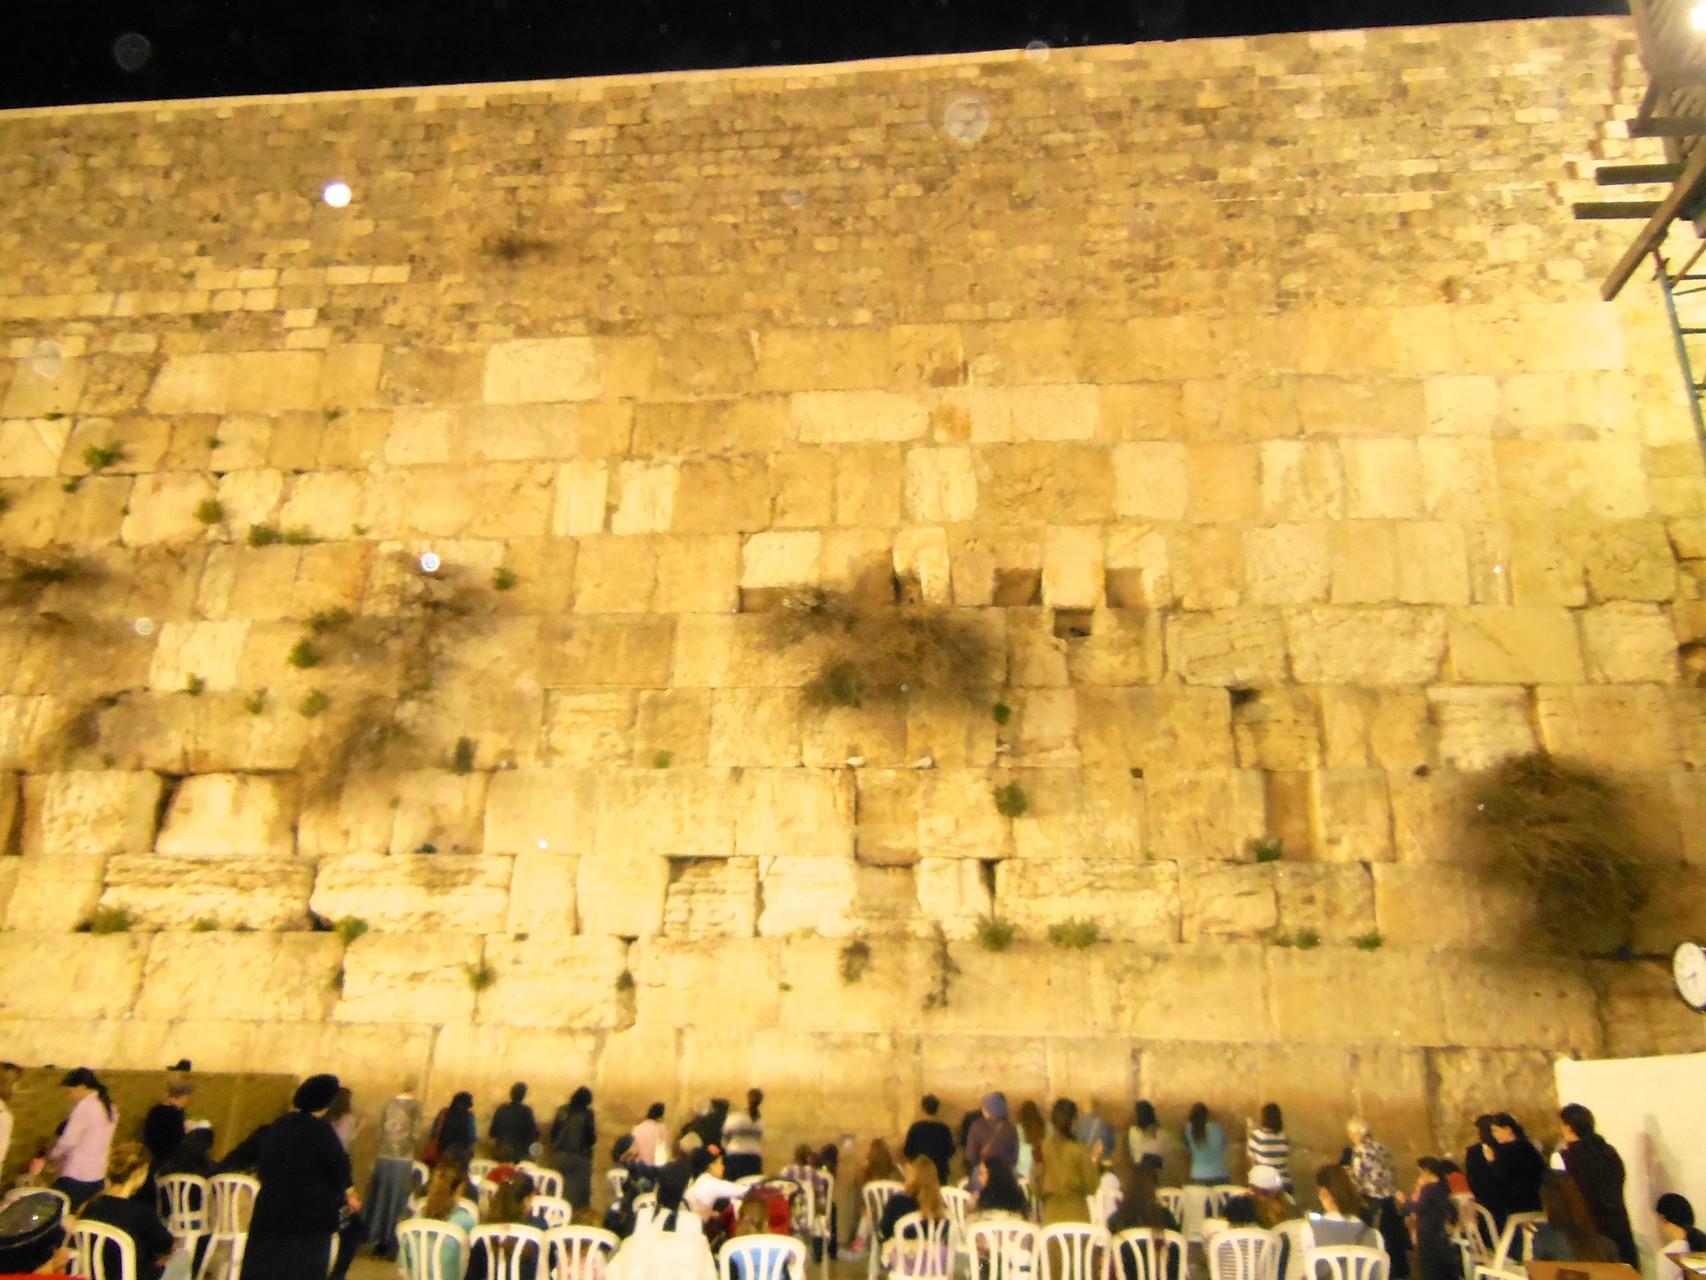 ユダヤ教徒聖地嘆きの壁